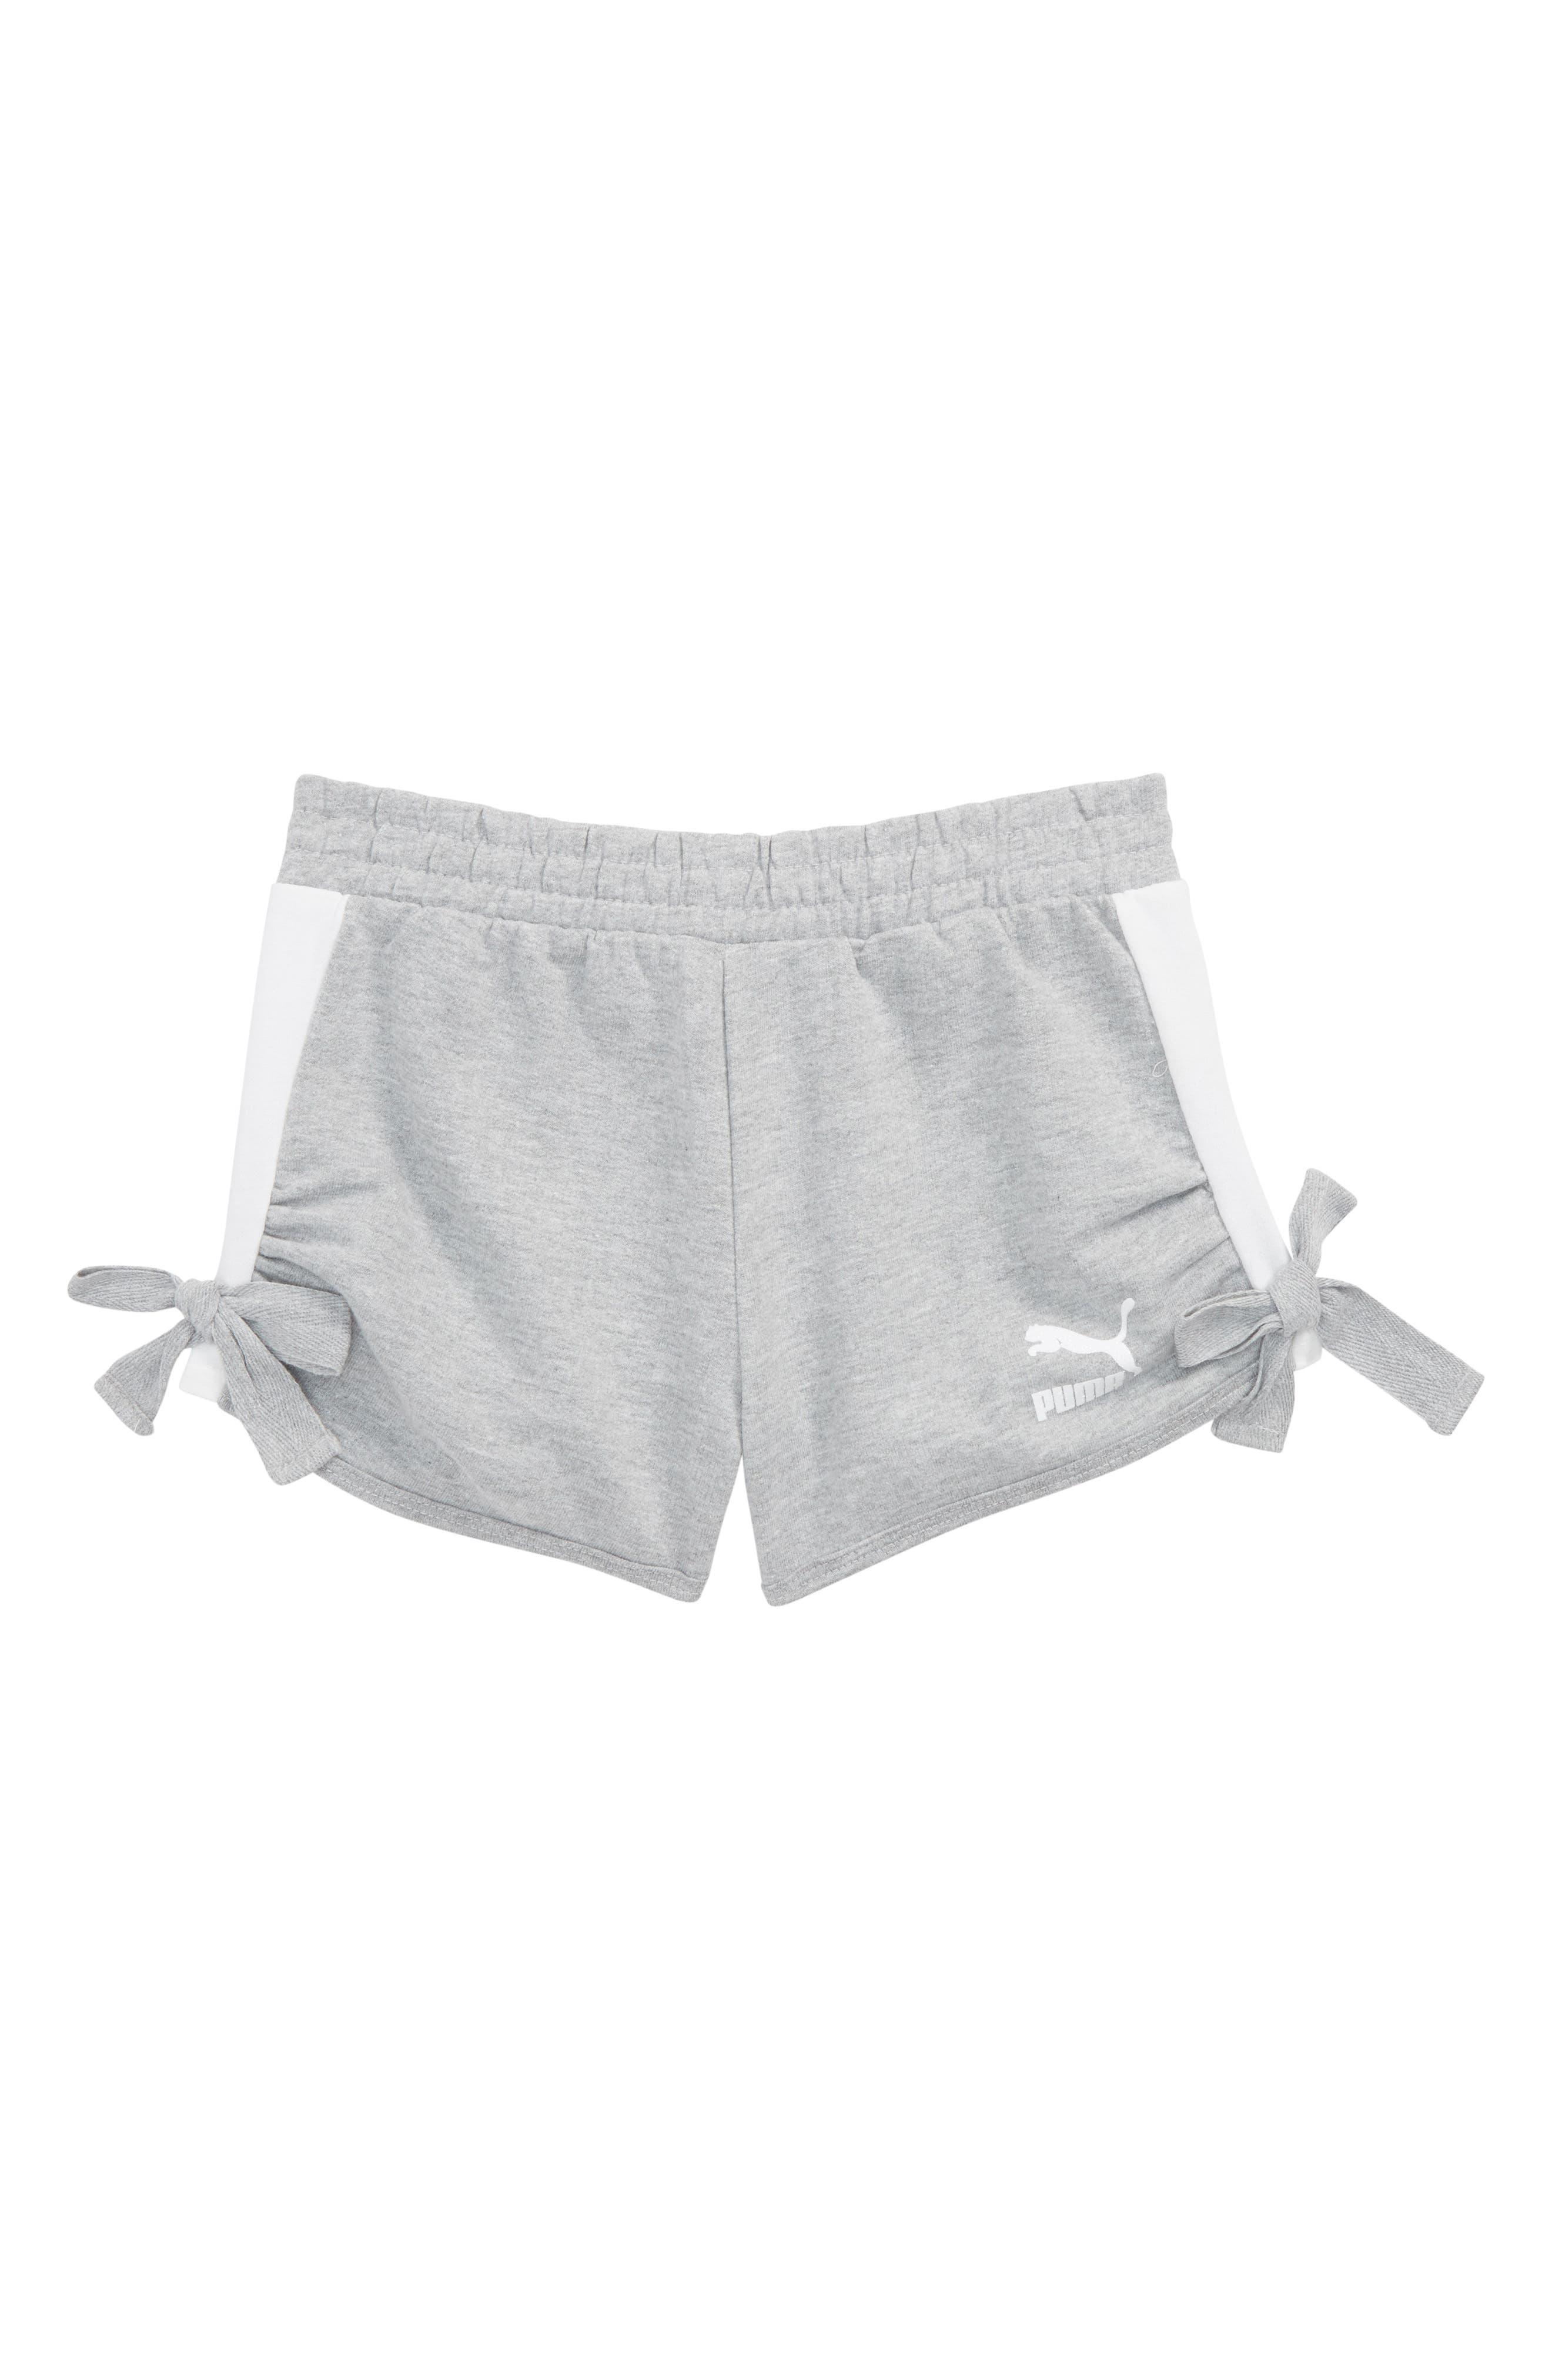 PUMA Bow Shorts (Big Girls)